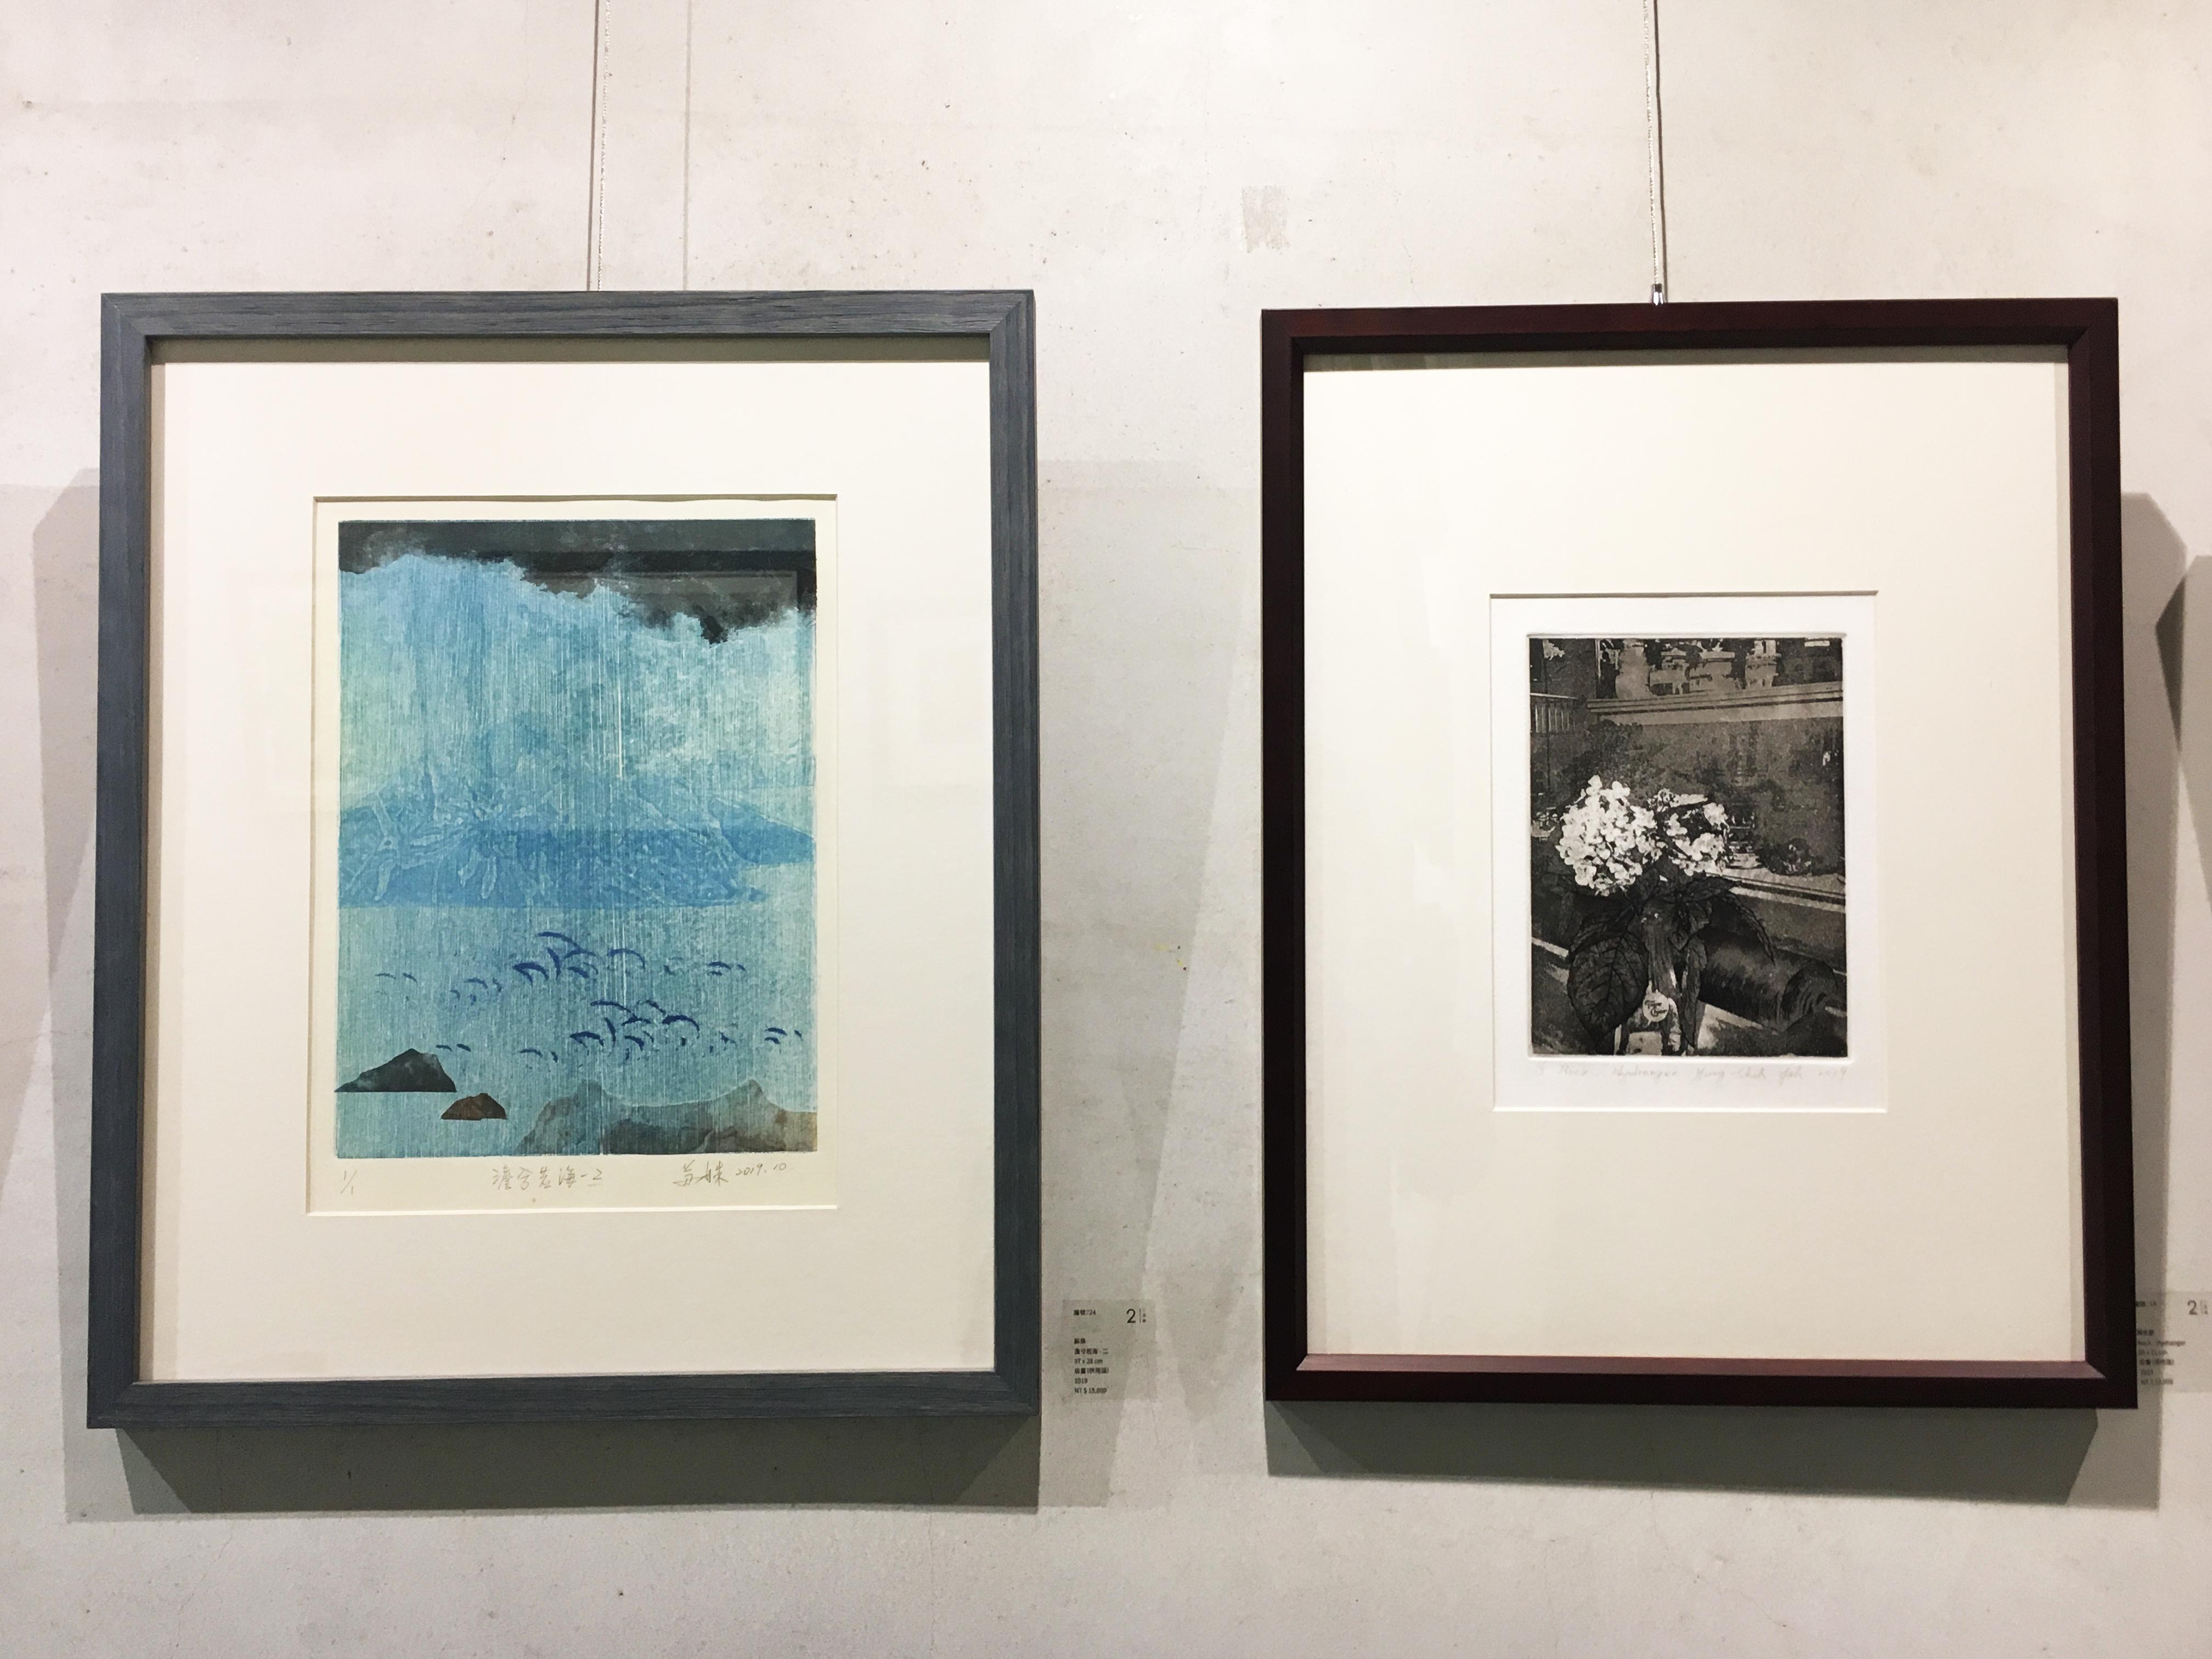 二空間展出臺灣藝術家蘇姝(左)、葉永慈(右)版畫作品。